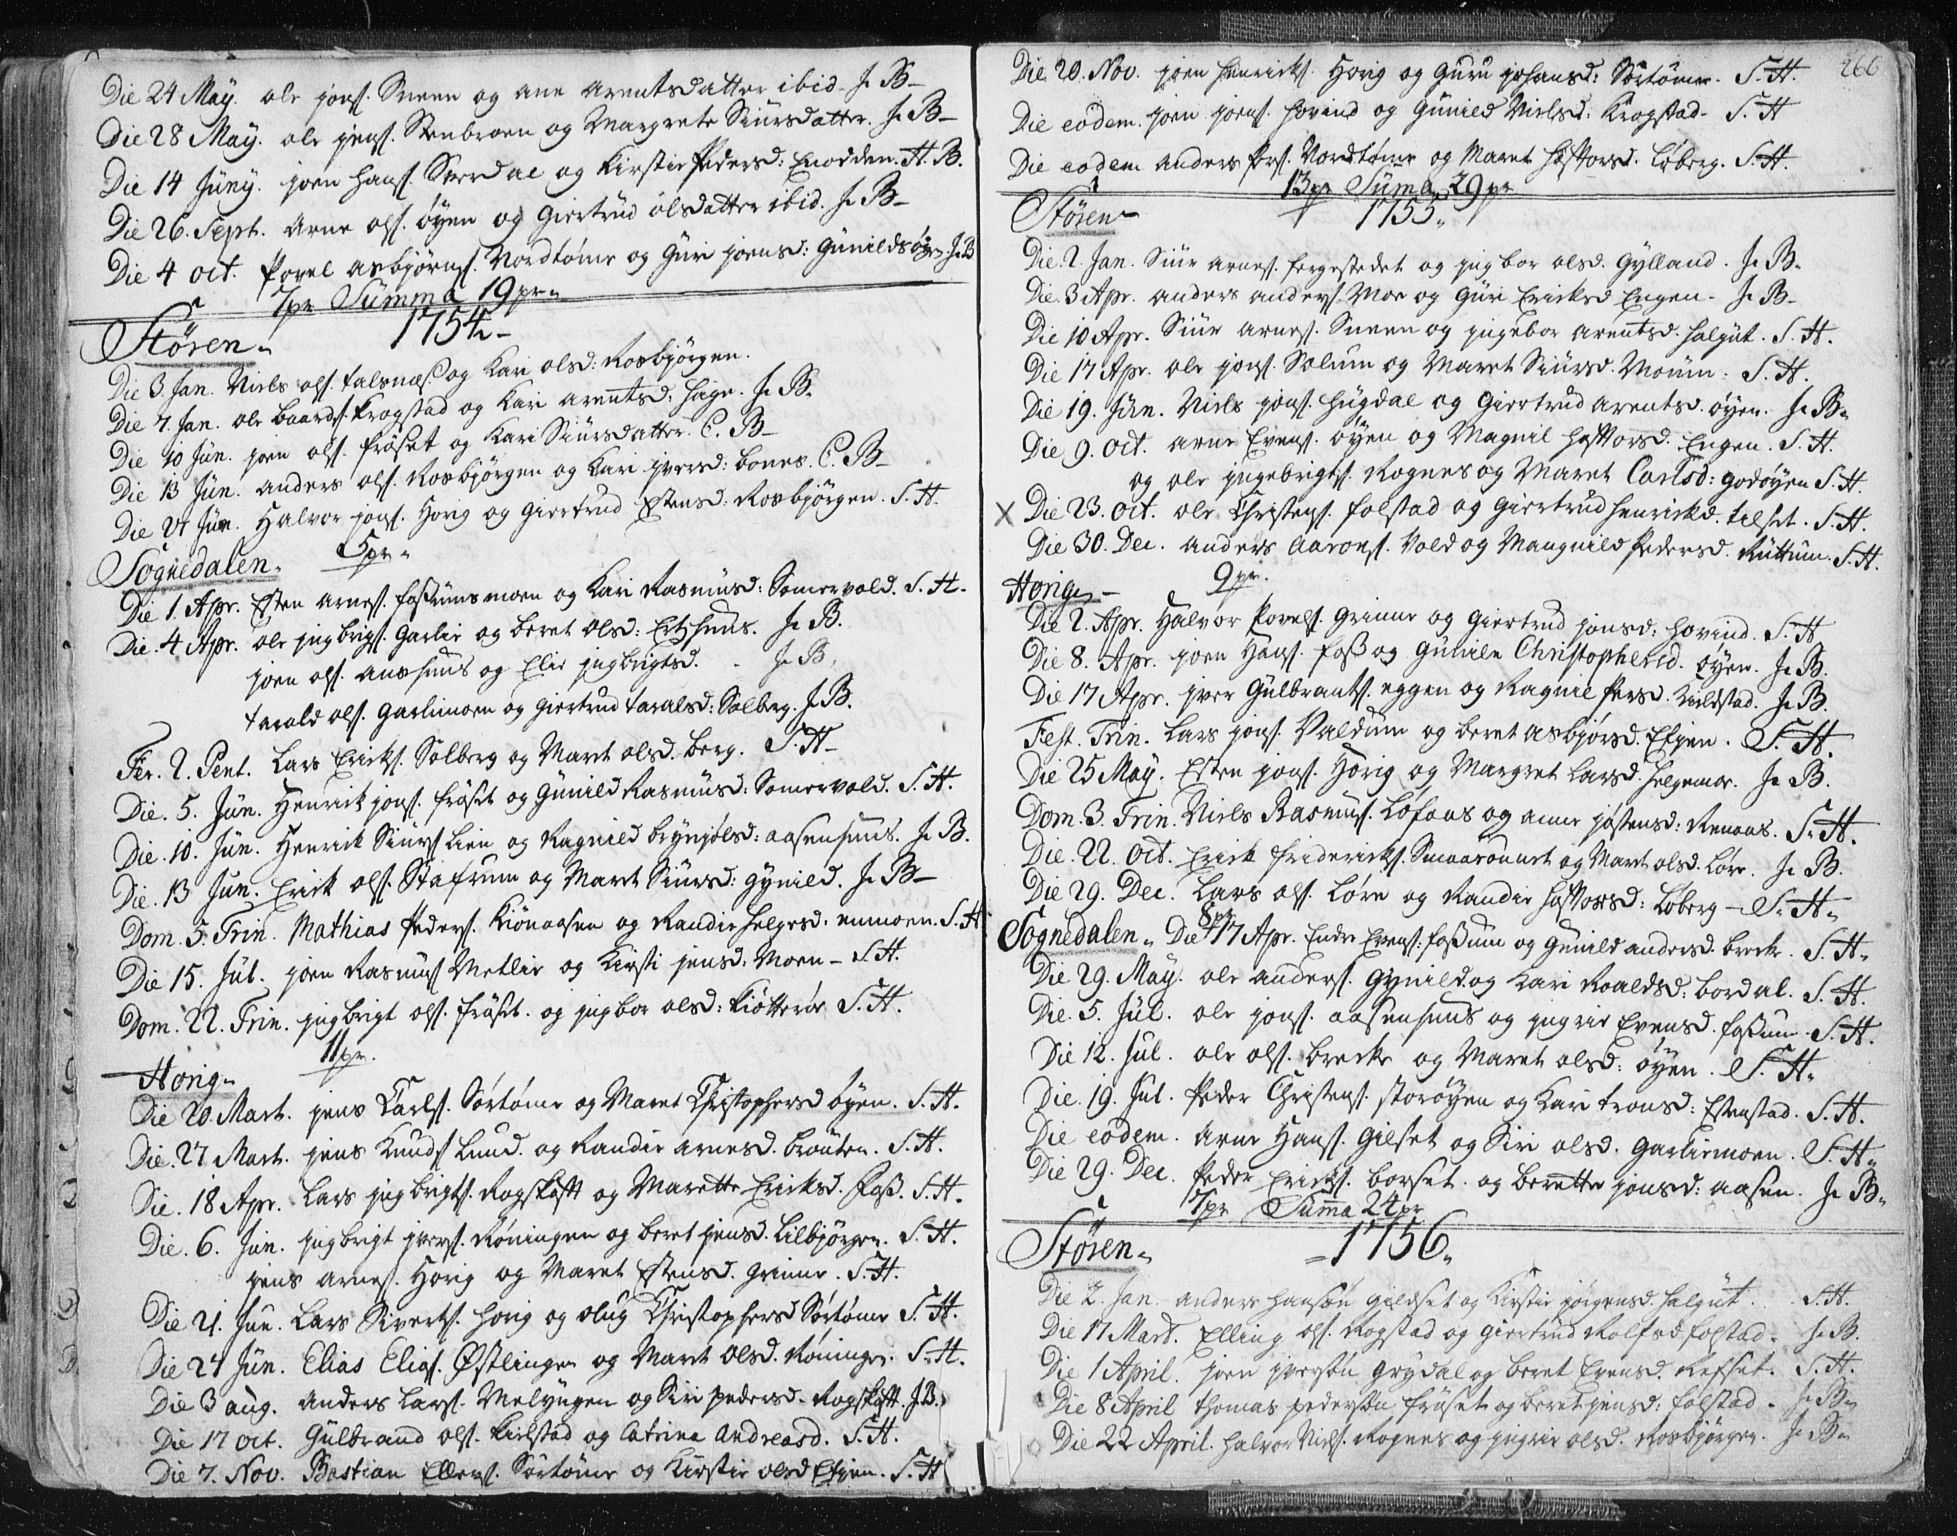 SAT, Ministerialprotokoller, klokkerbøker og fødselsregistre - Sør-Trøndelag, 687/L0991: Ministerialbok nr. 687A02, 1747-1790, s. 266